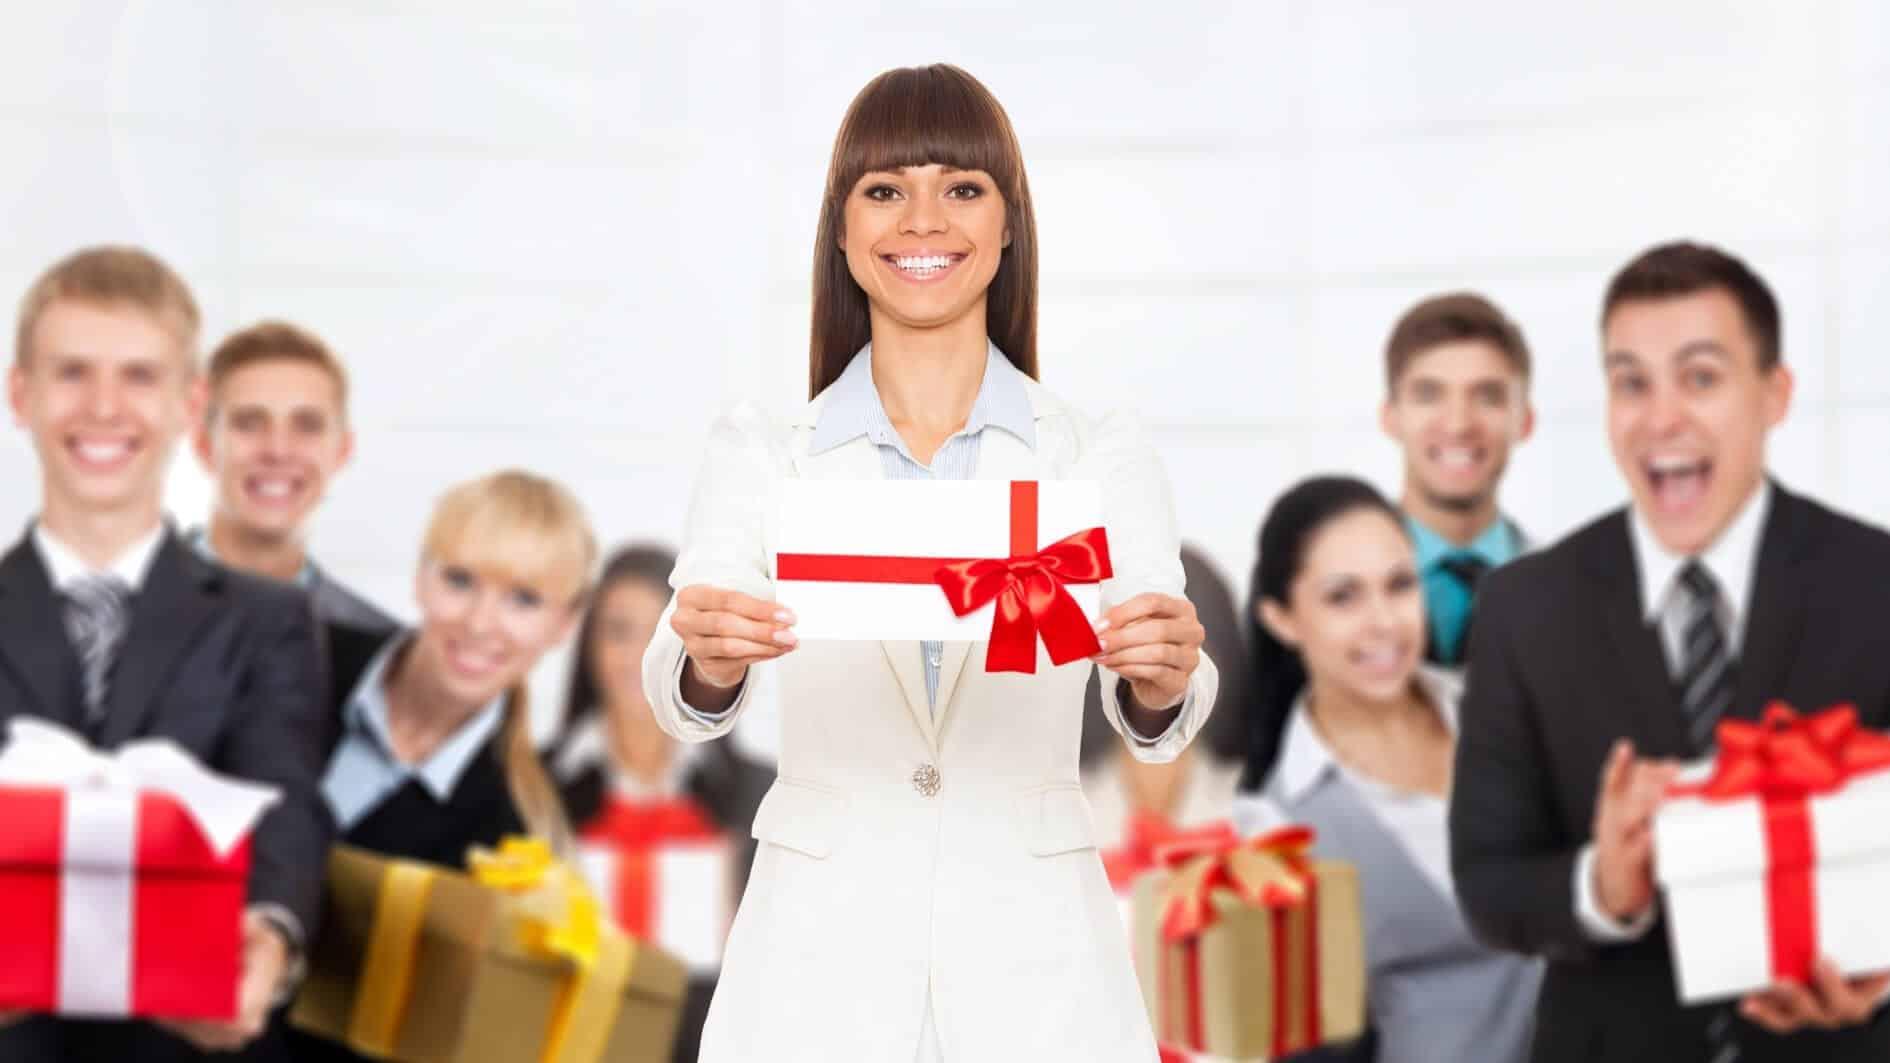 Simak Pentingnya Pengelolaan Kompensasi Karyawan